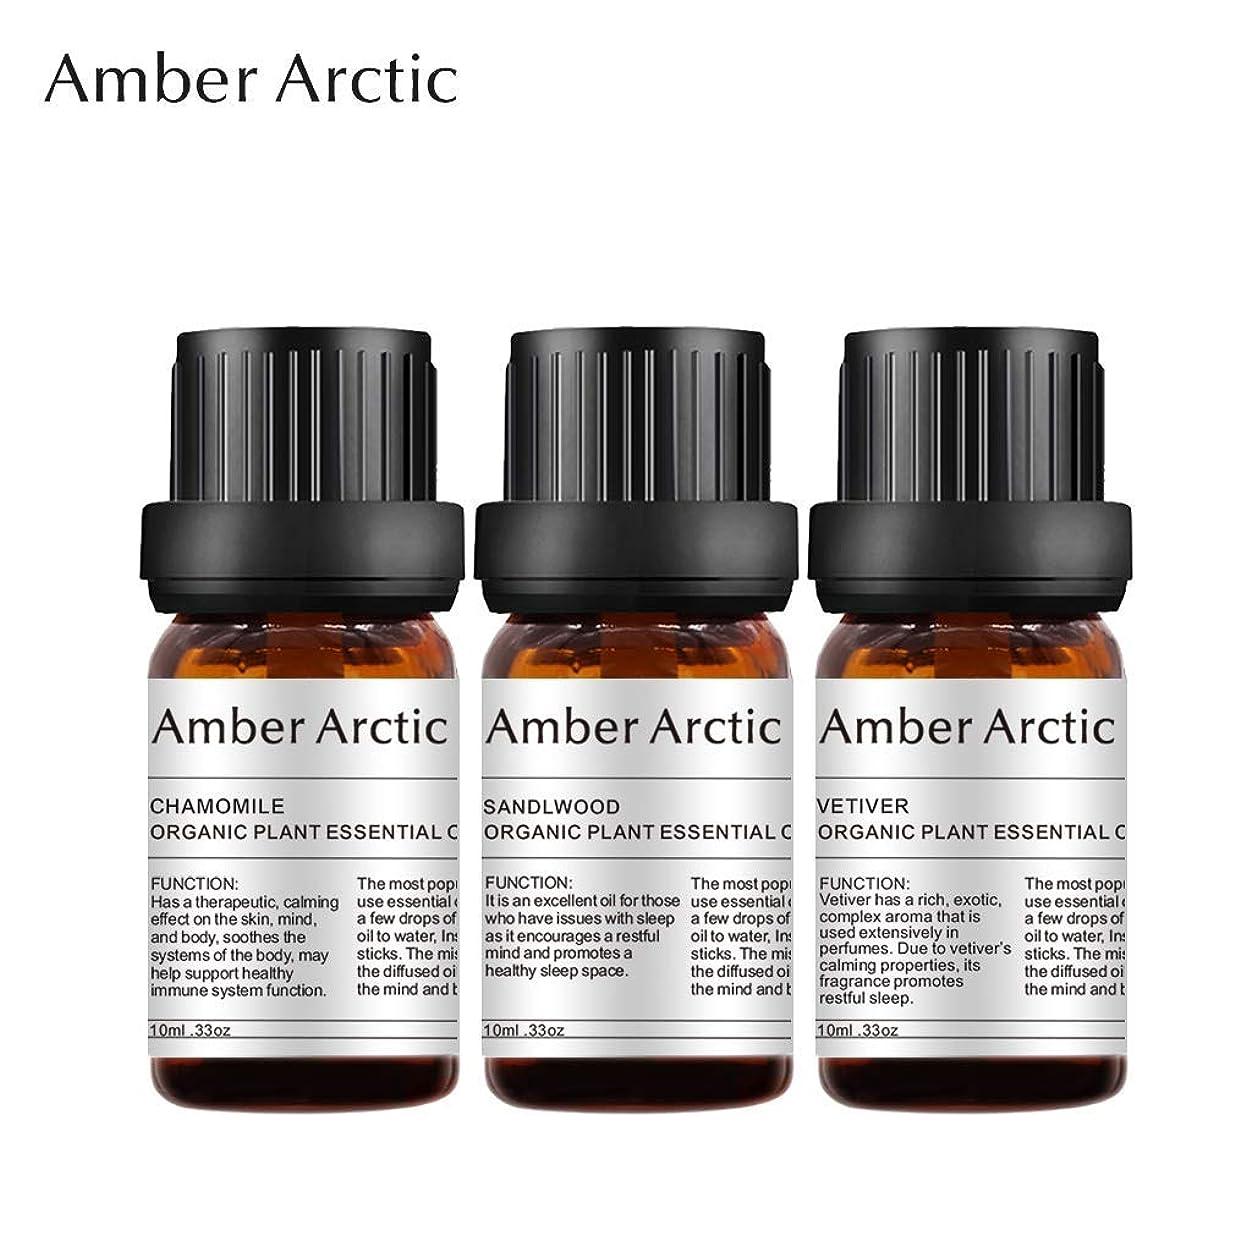 バット知人副詞Amber Arctic ジャスミン サンダル ウッド カモミール 精油 セット、 ディフューザー - 3×10 ミリリットル 用 100% 純粋 天然 アロマ エッセンシャル オイル